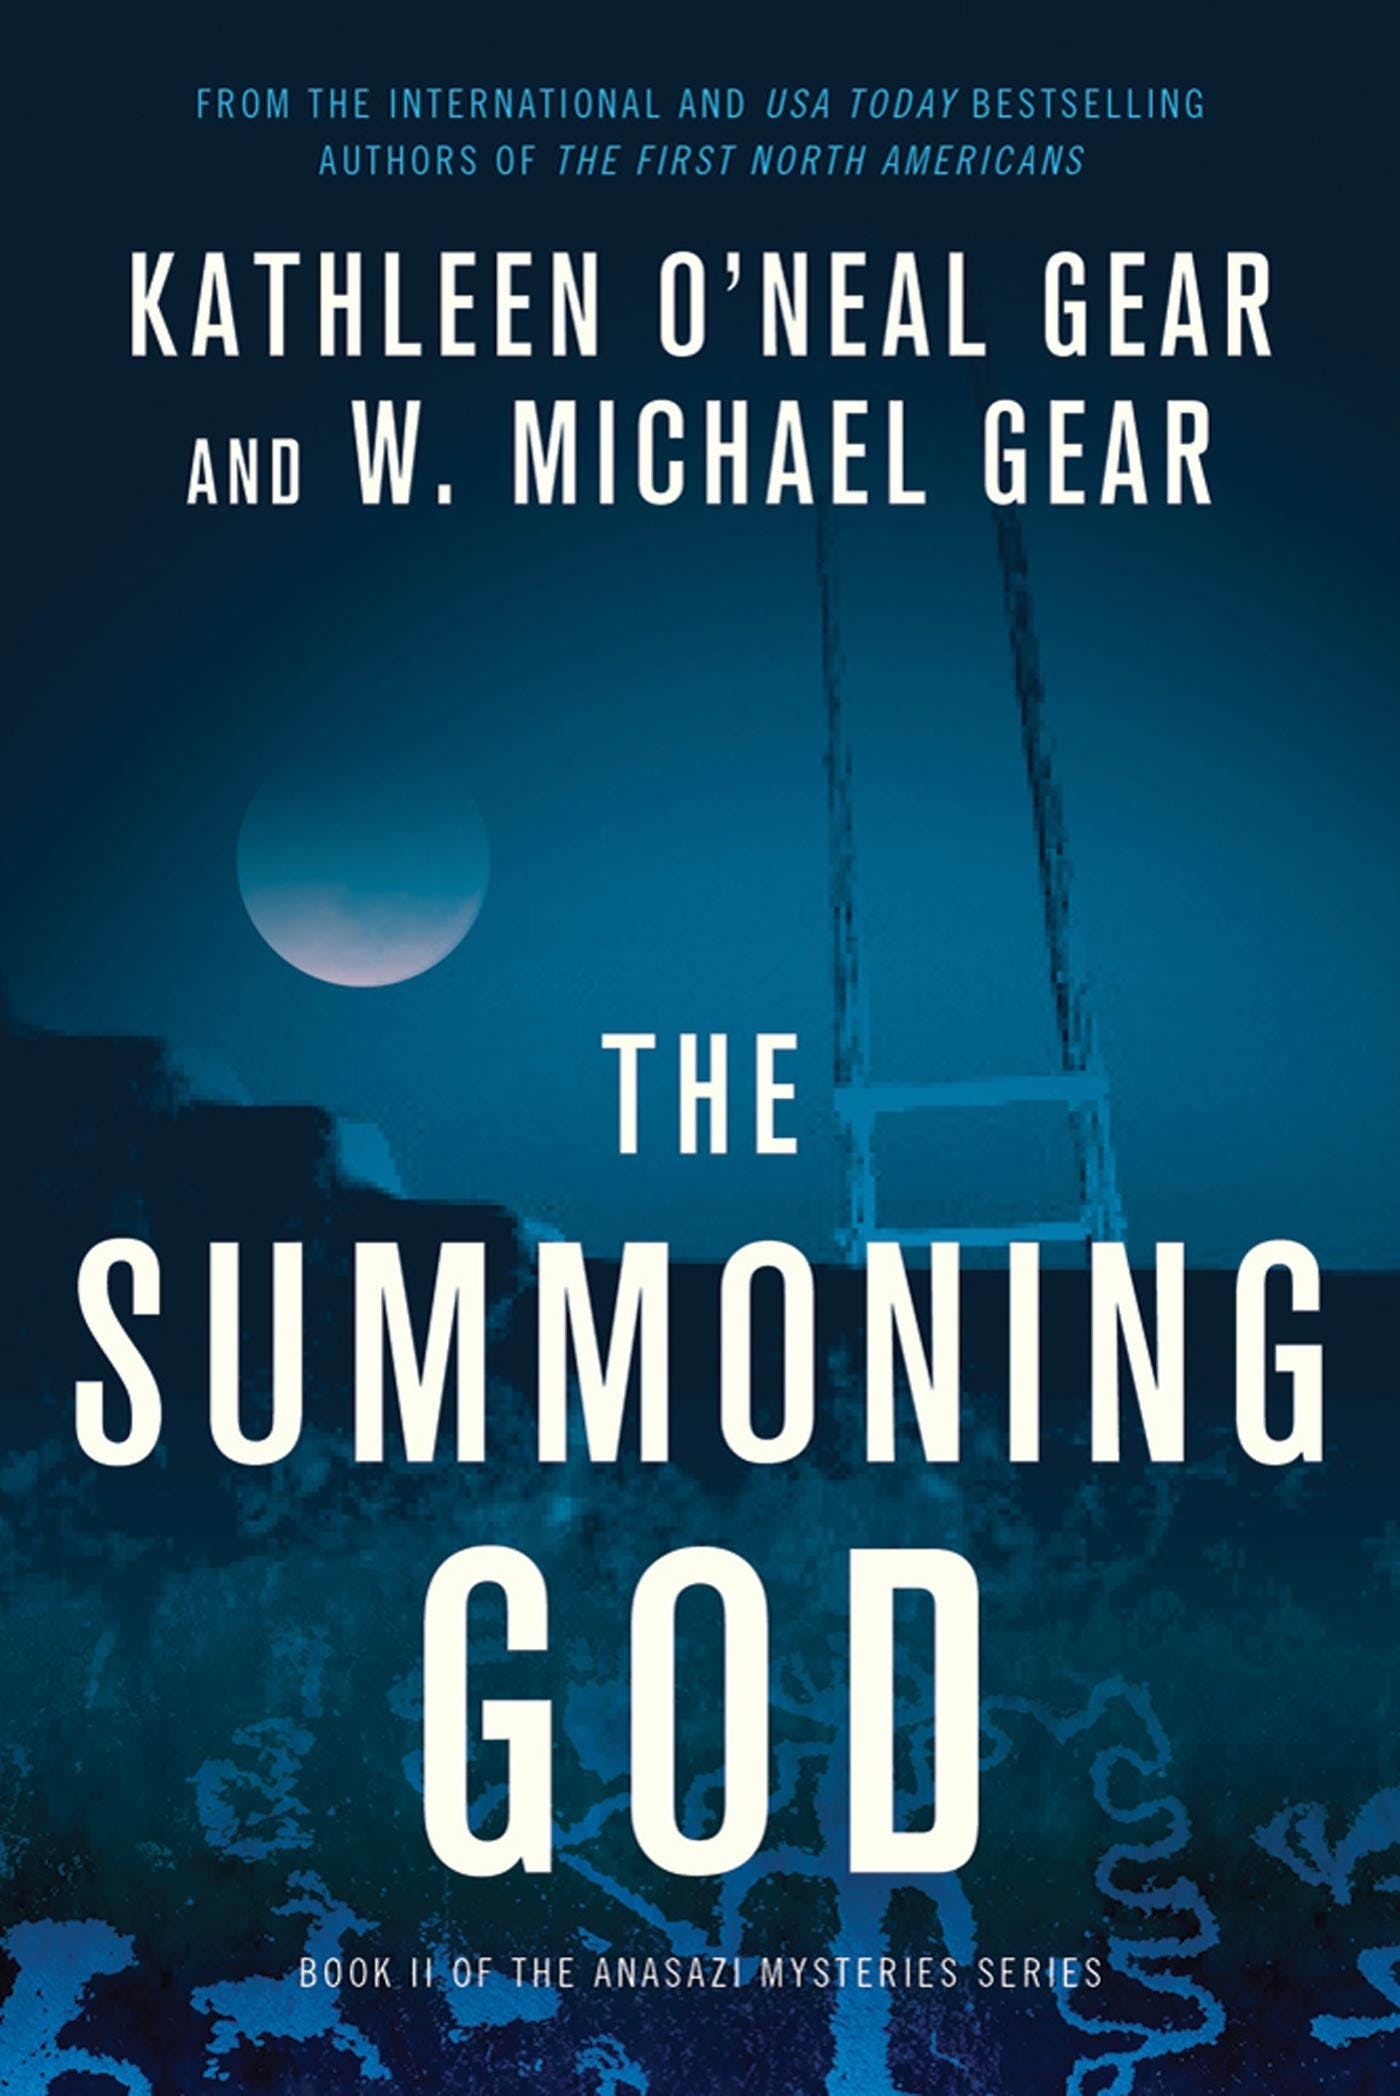 Image of The Summoning God